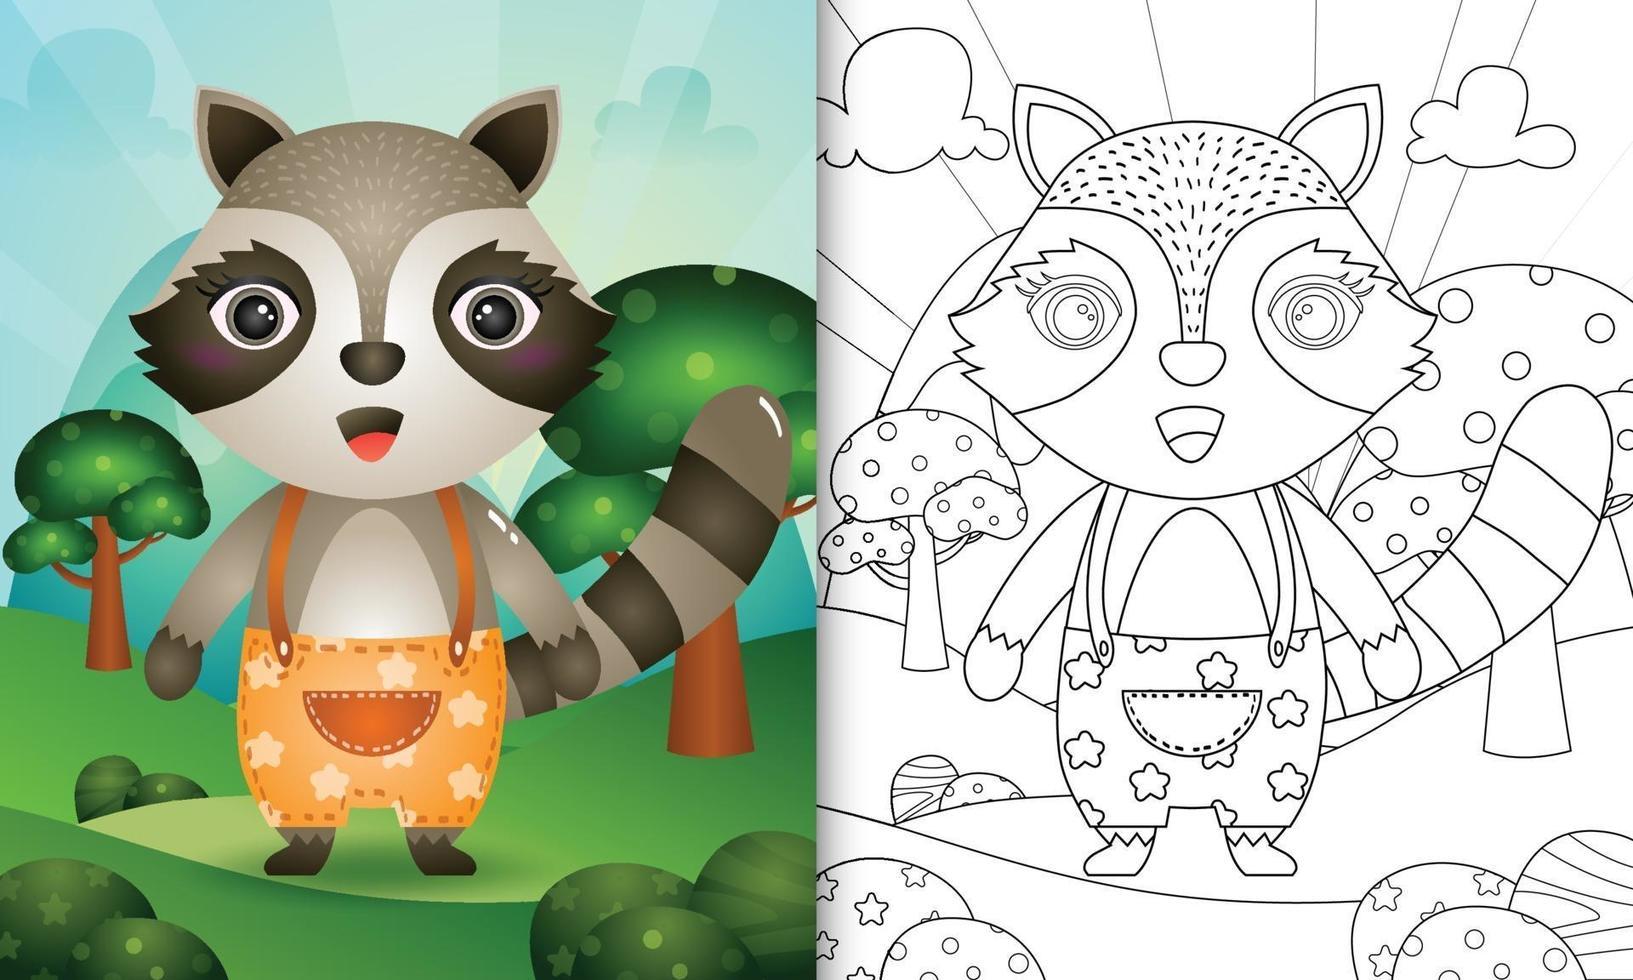 modello di libro da colorare per bambini con un simpatico personaggio di procione illustratio vettore